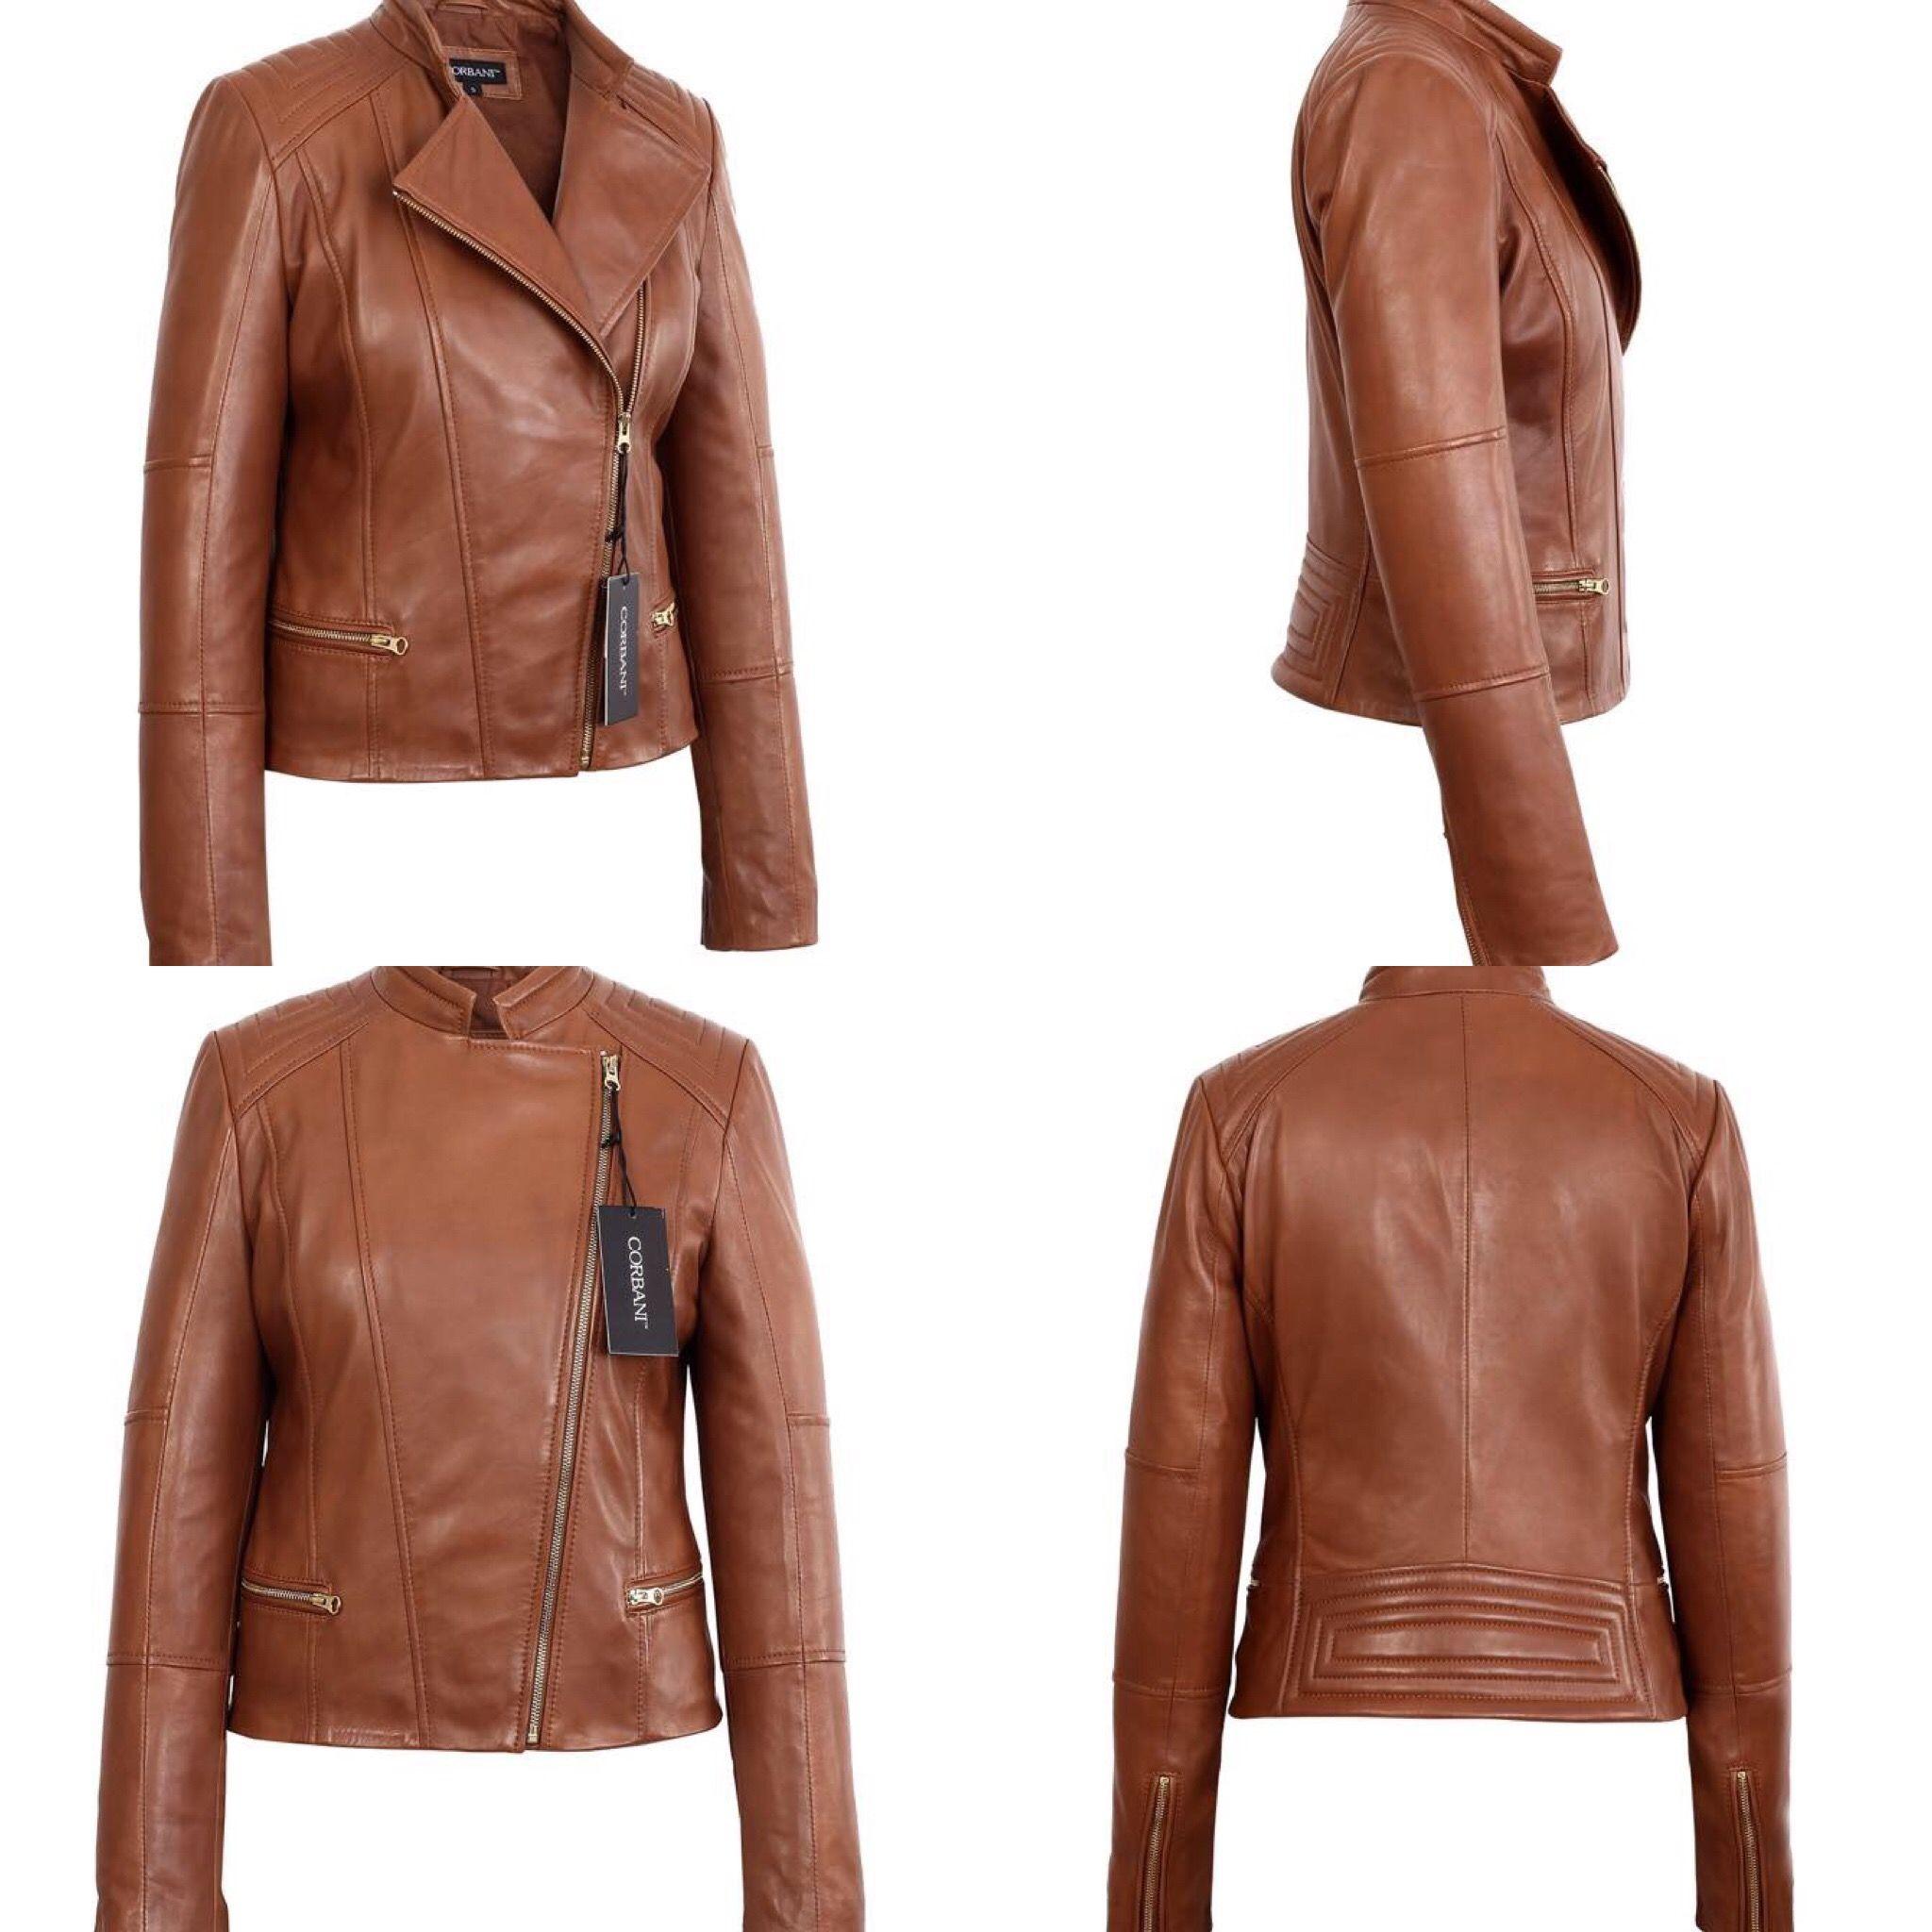 ece14f182f75  corbani  corbaniaw17  corbaniwomen  leather  jackets - Amazon  www.amazon